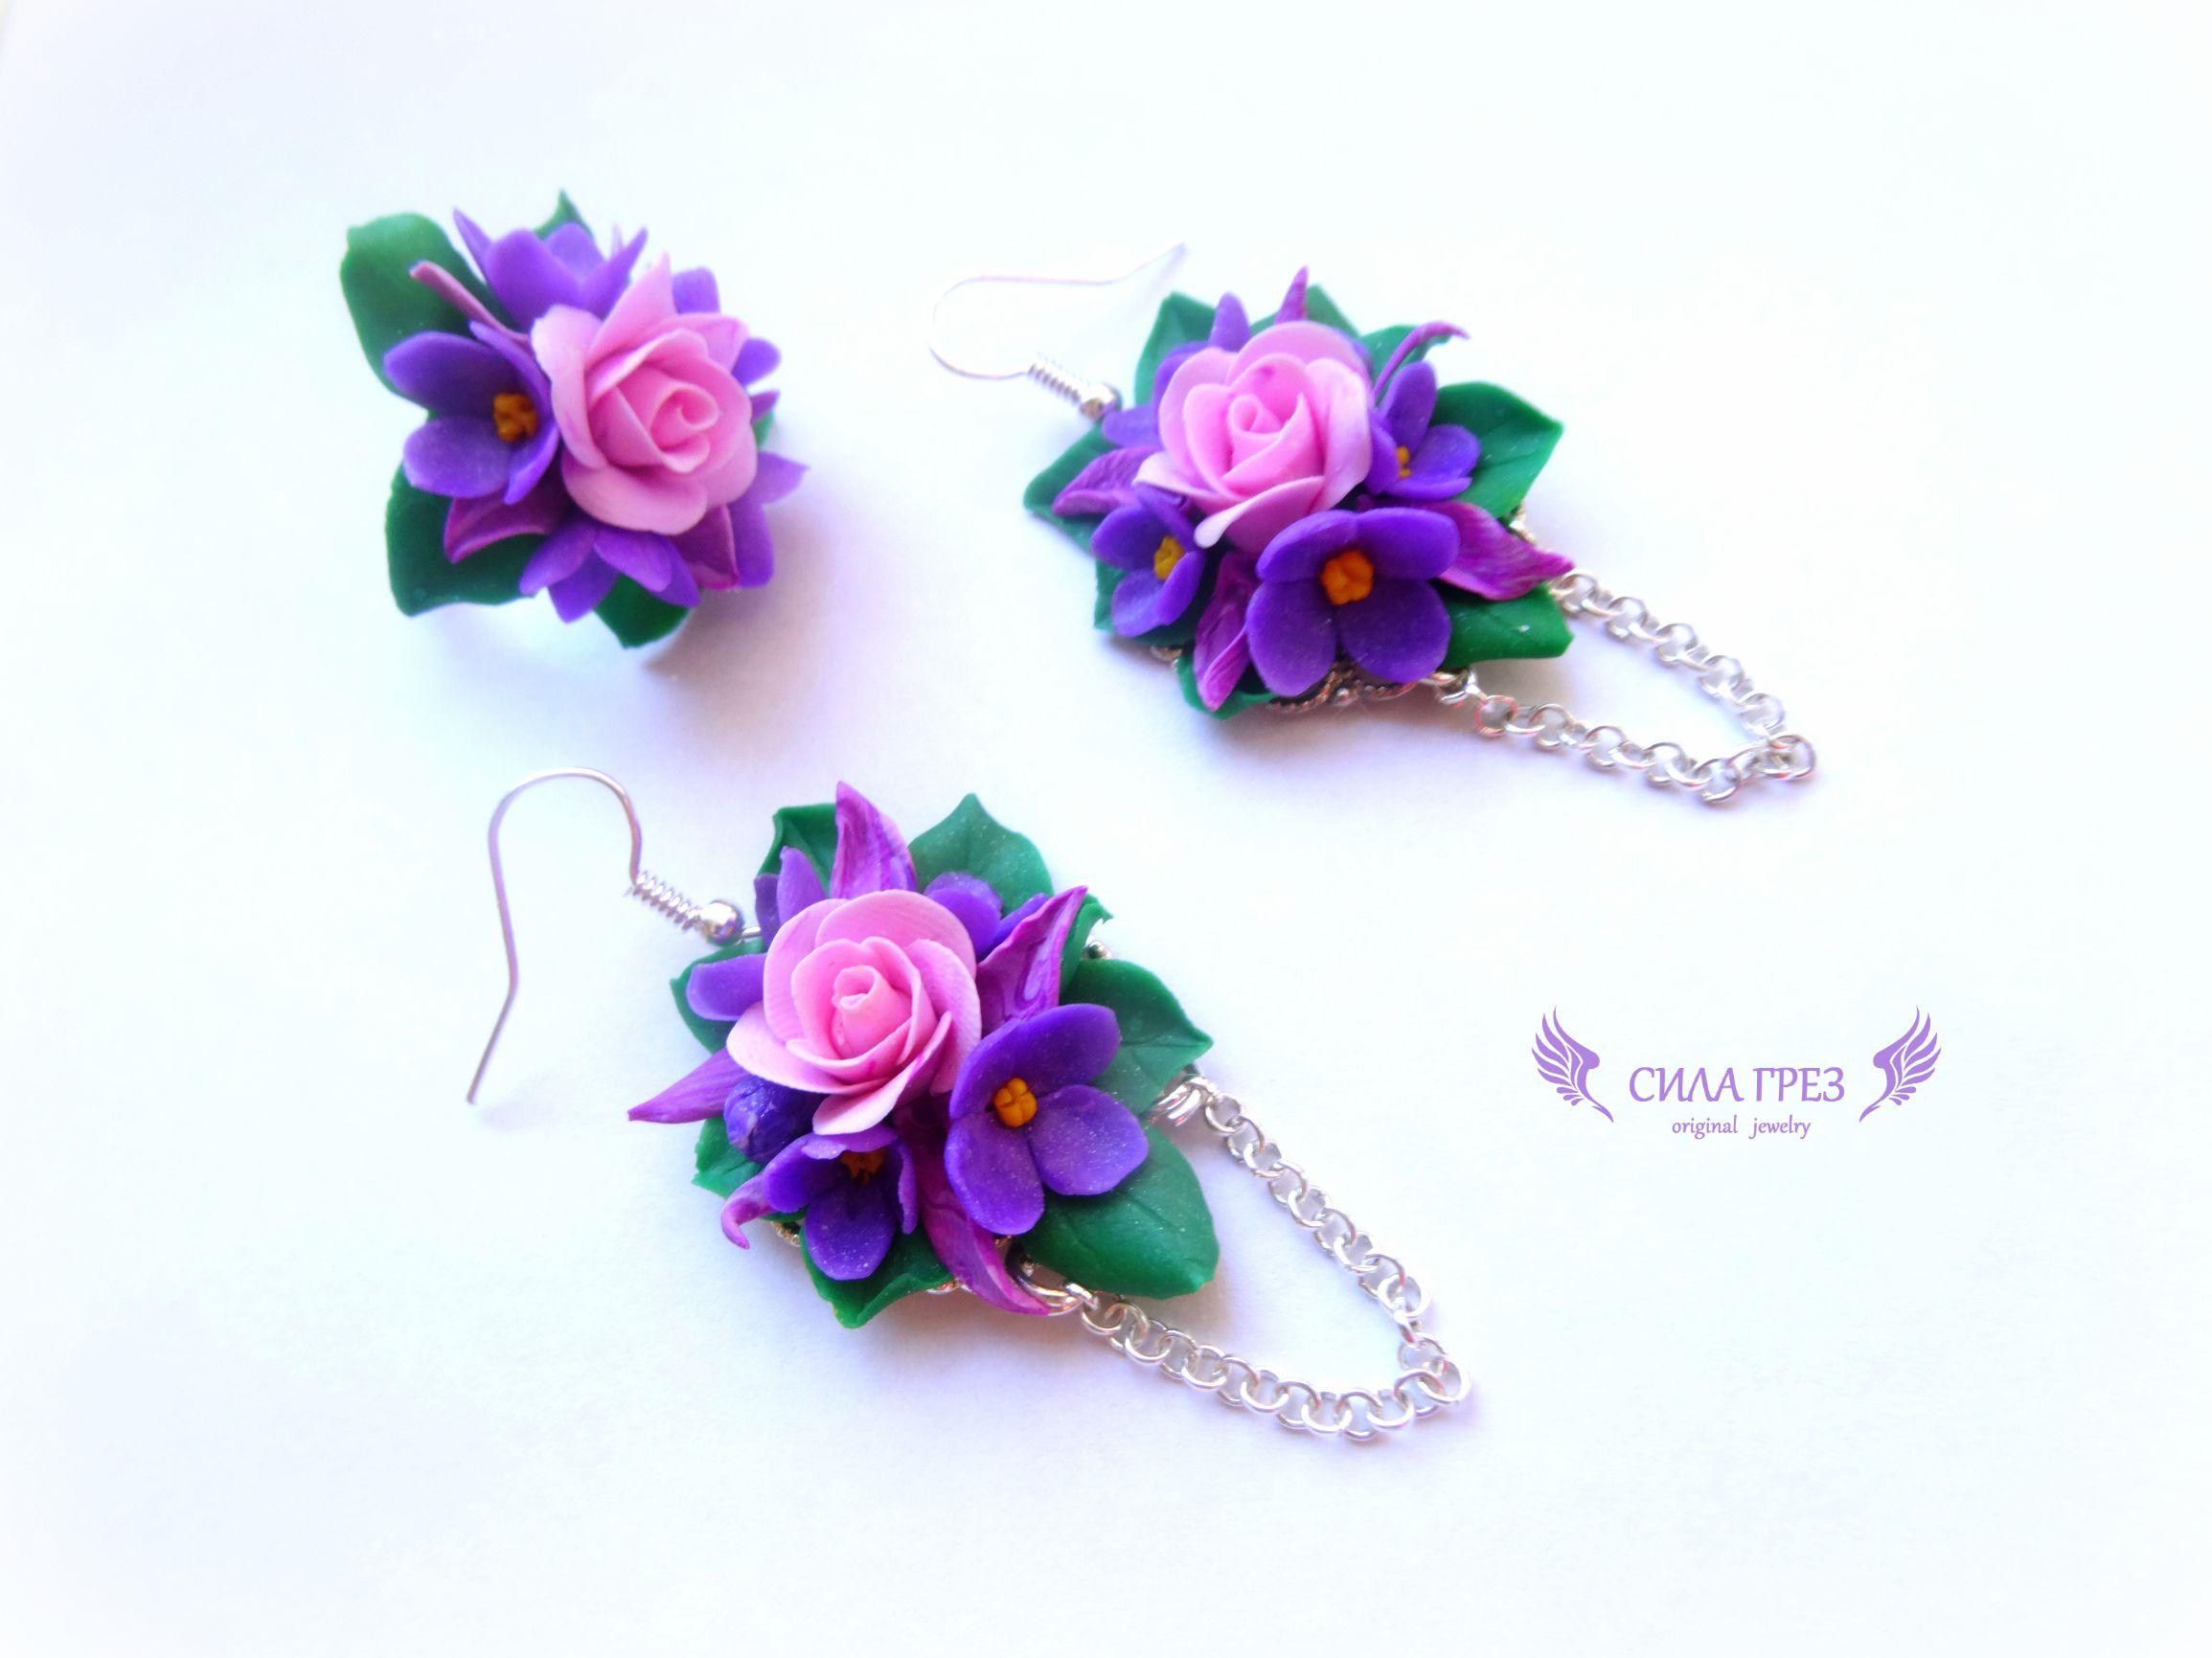 полимерная глина подарок серьги грез сила прованс кольцо весна розы цветы миниатюра бижутерия